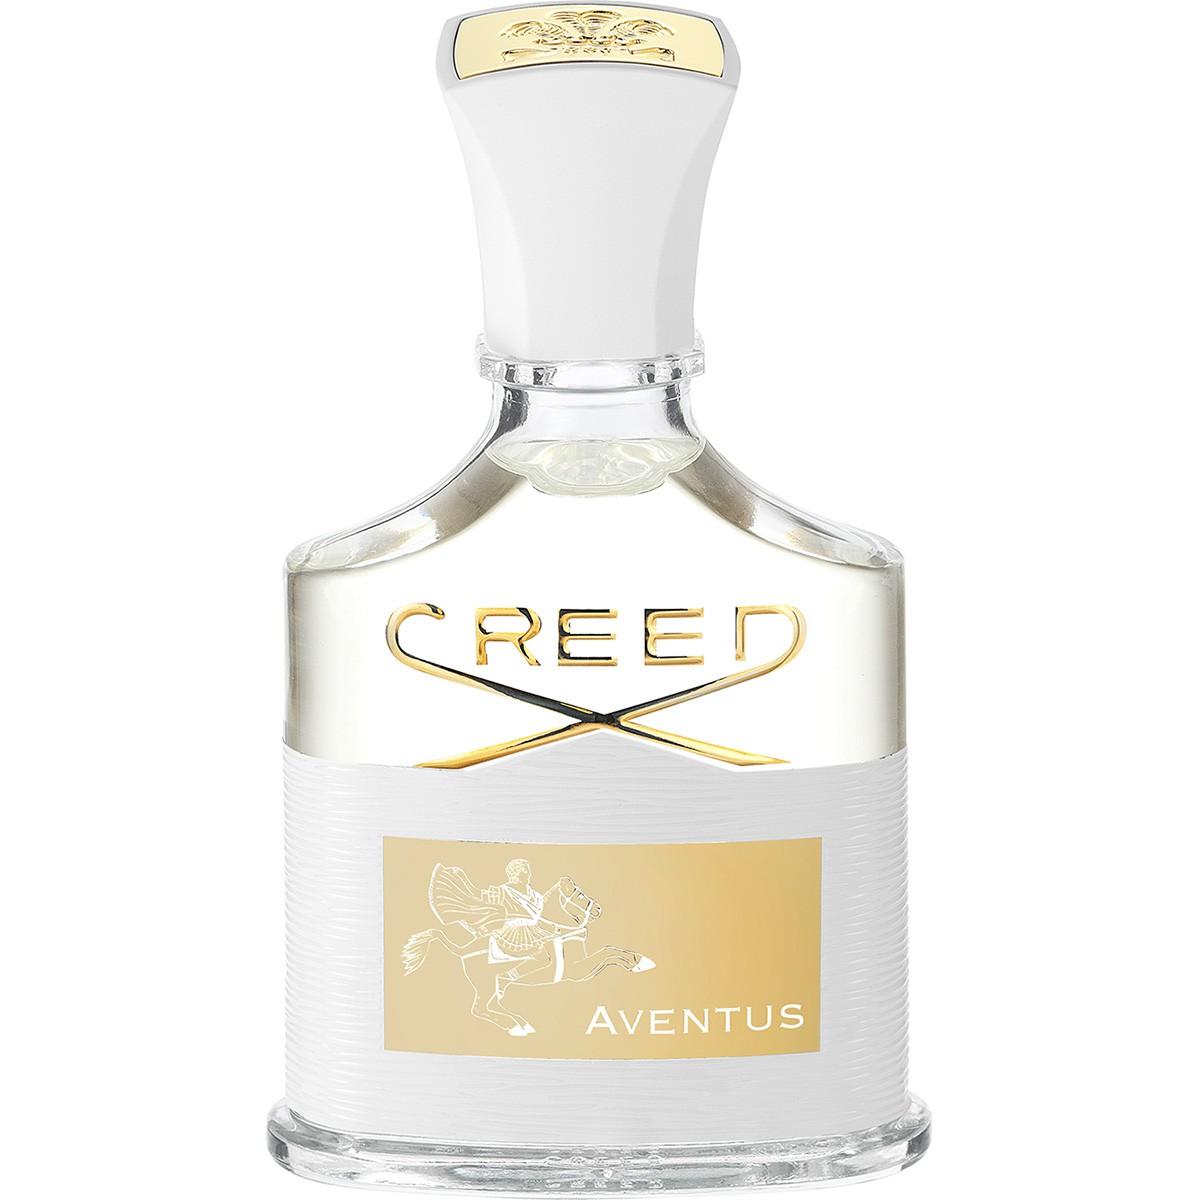 בושם קריד אוונטוס לאישה CREED Aventus For Her